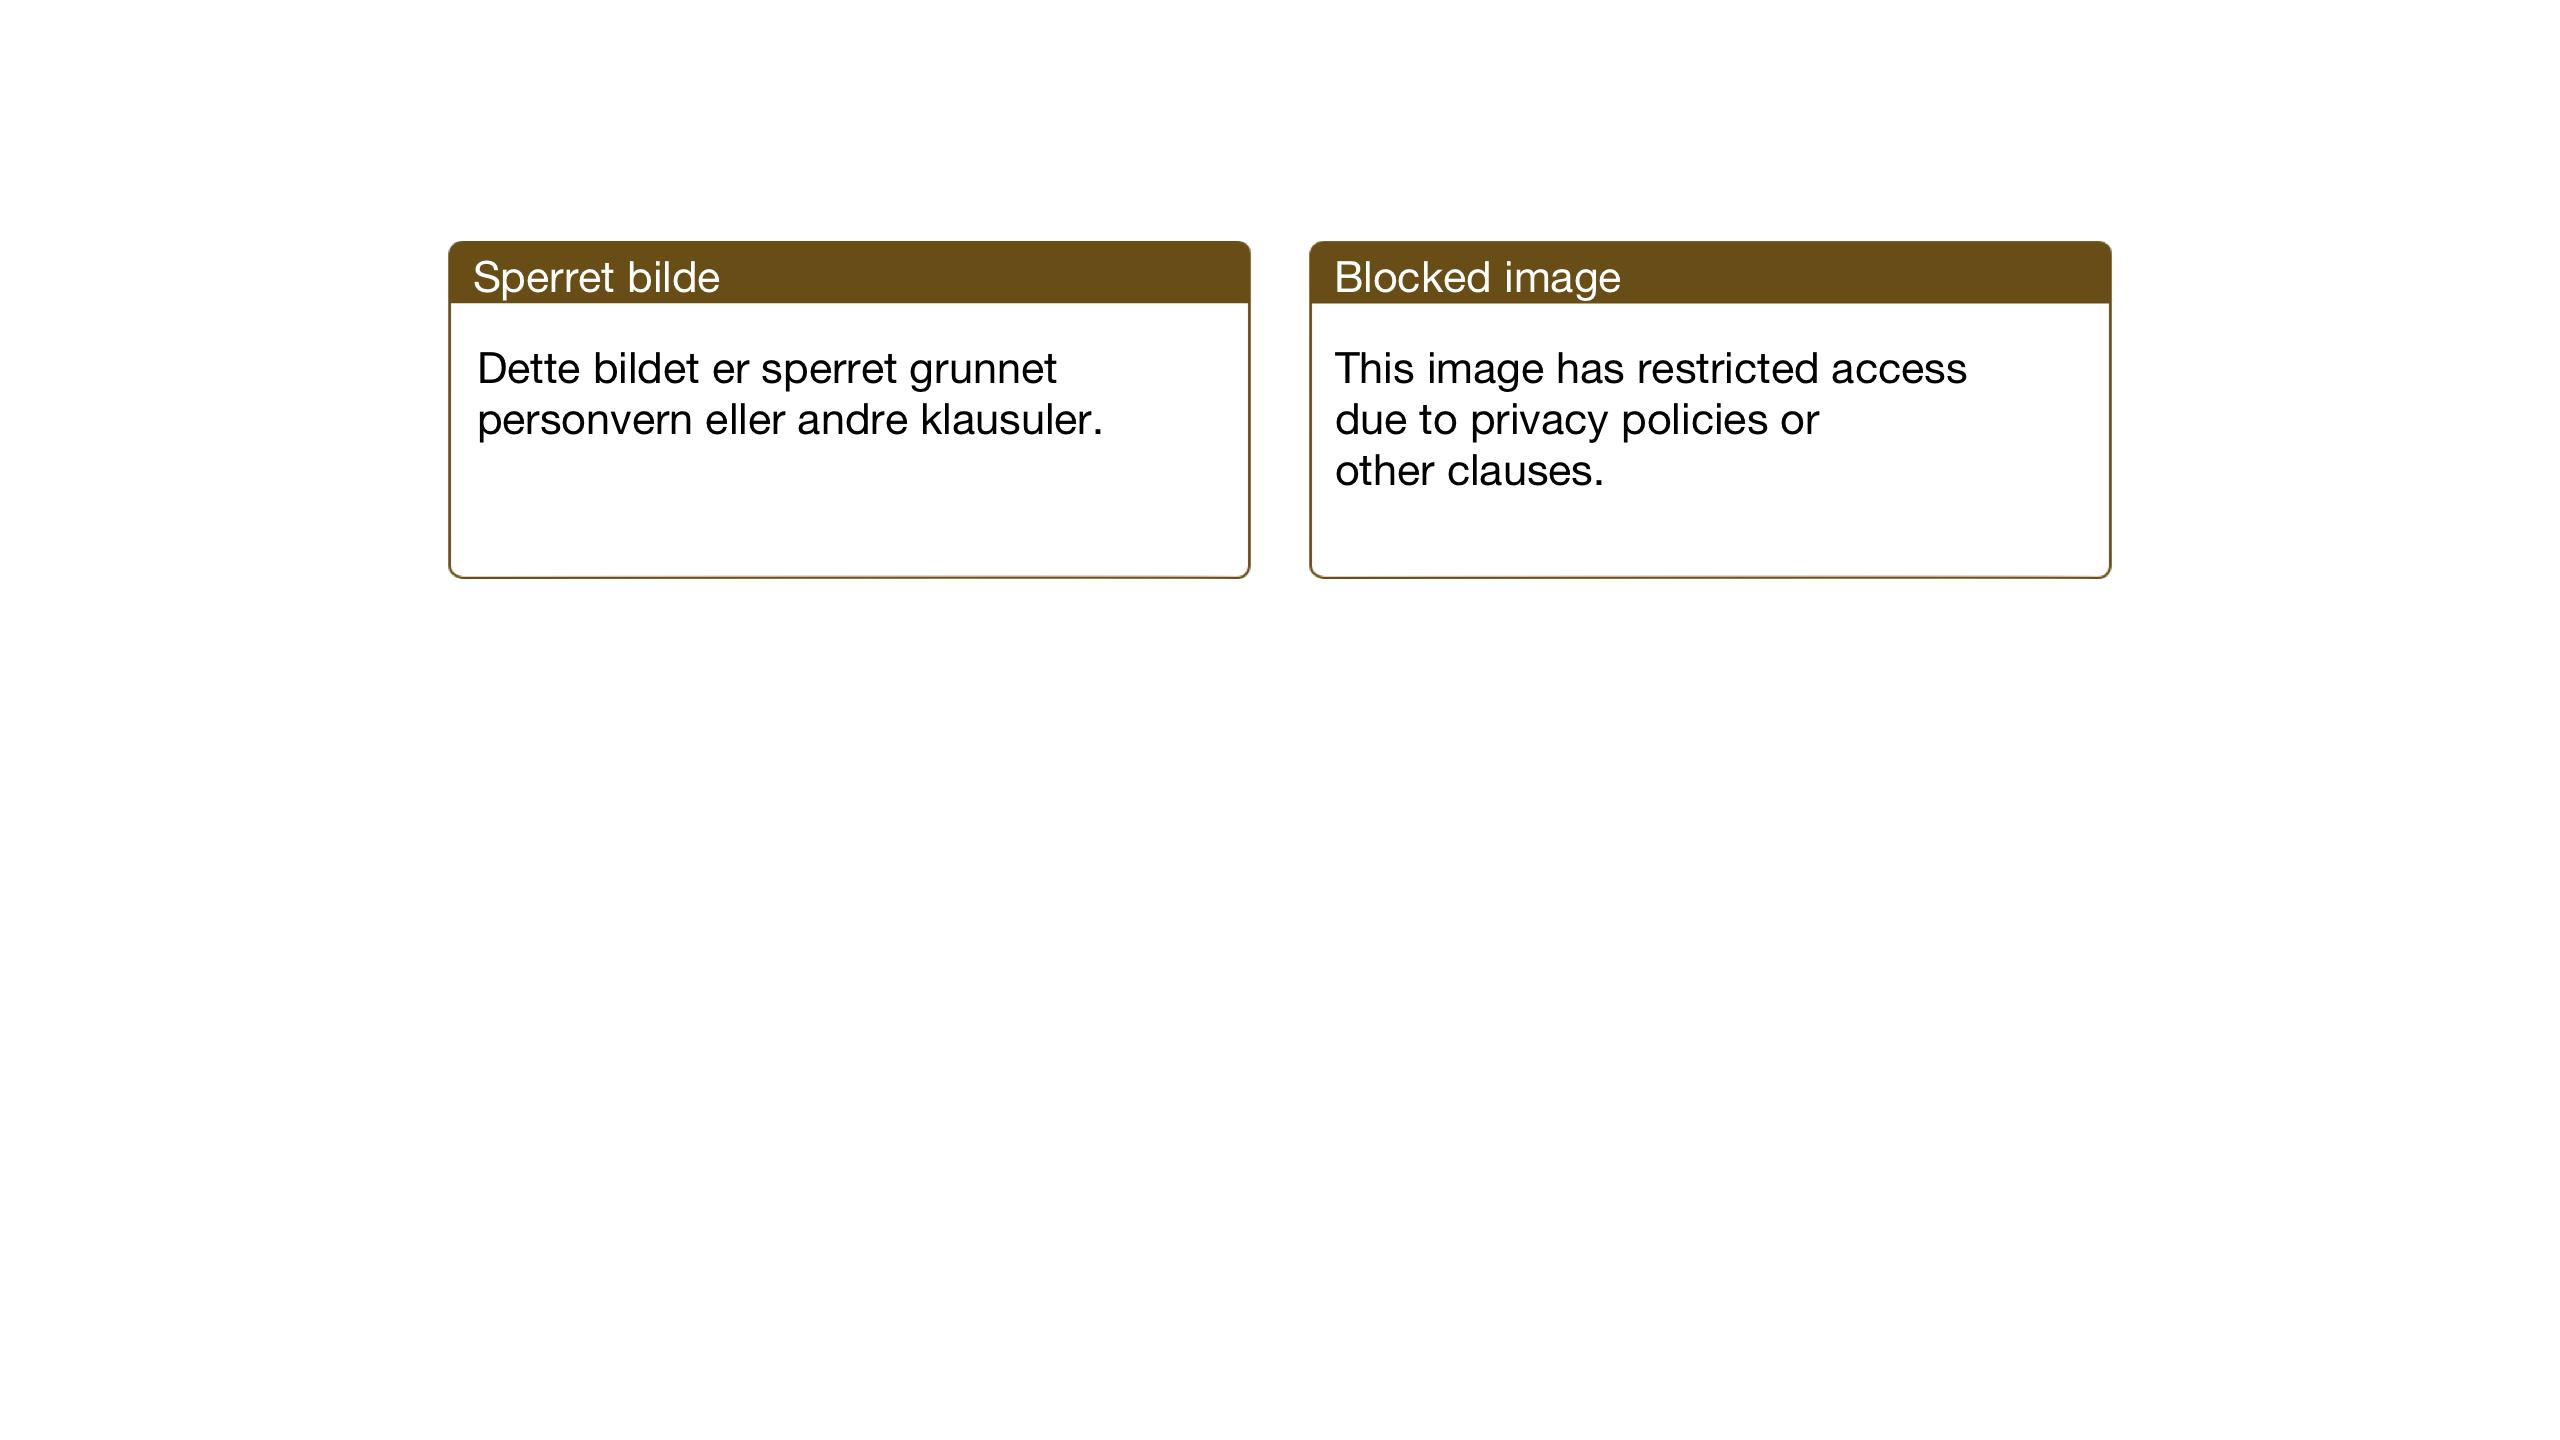 SAT, Ministerialprotokoller, klokkerbøker og fødselsregistre - Sør-Trøndelag, 635/L0556: Klokkerbok nr. 635C04, 1943-1945, s. 4